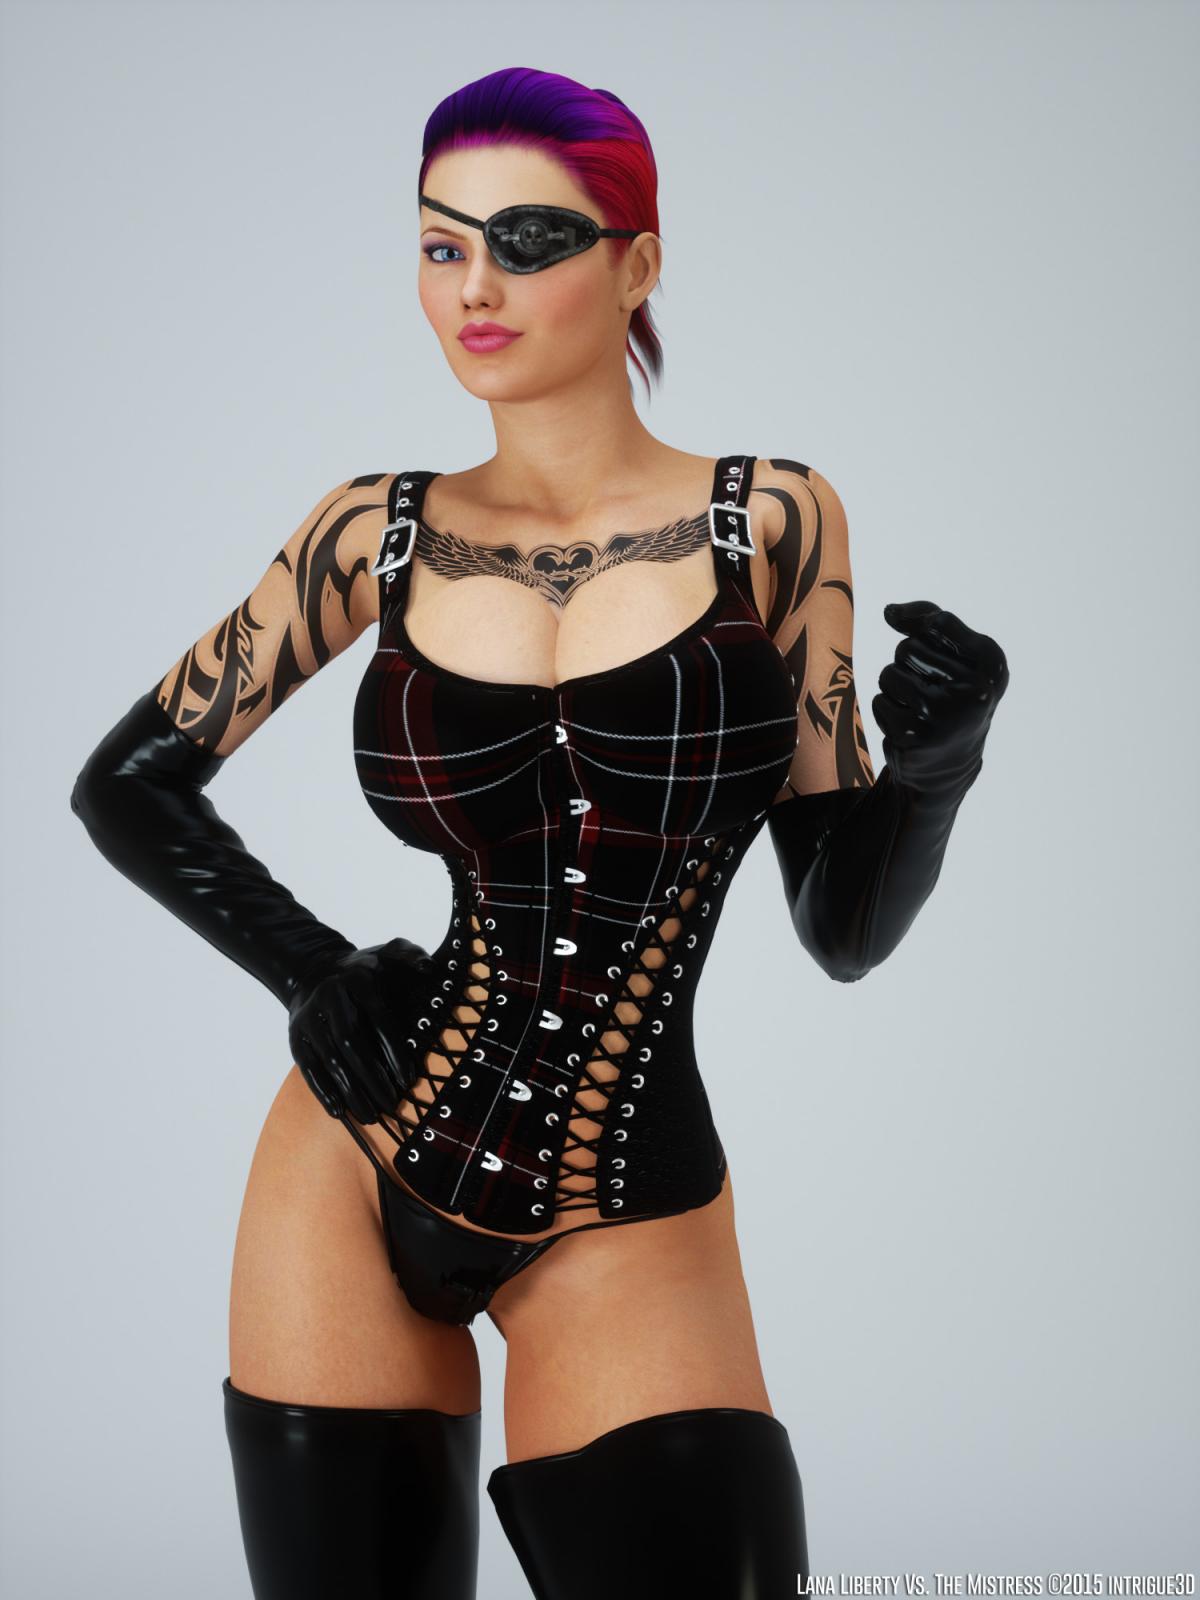 Hình ảnh 39956631764_af9ba1fe21_o trong bài viết Lana Liberty Vs The Mistress